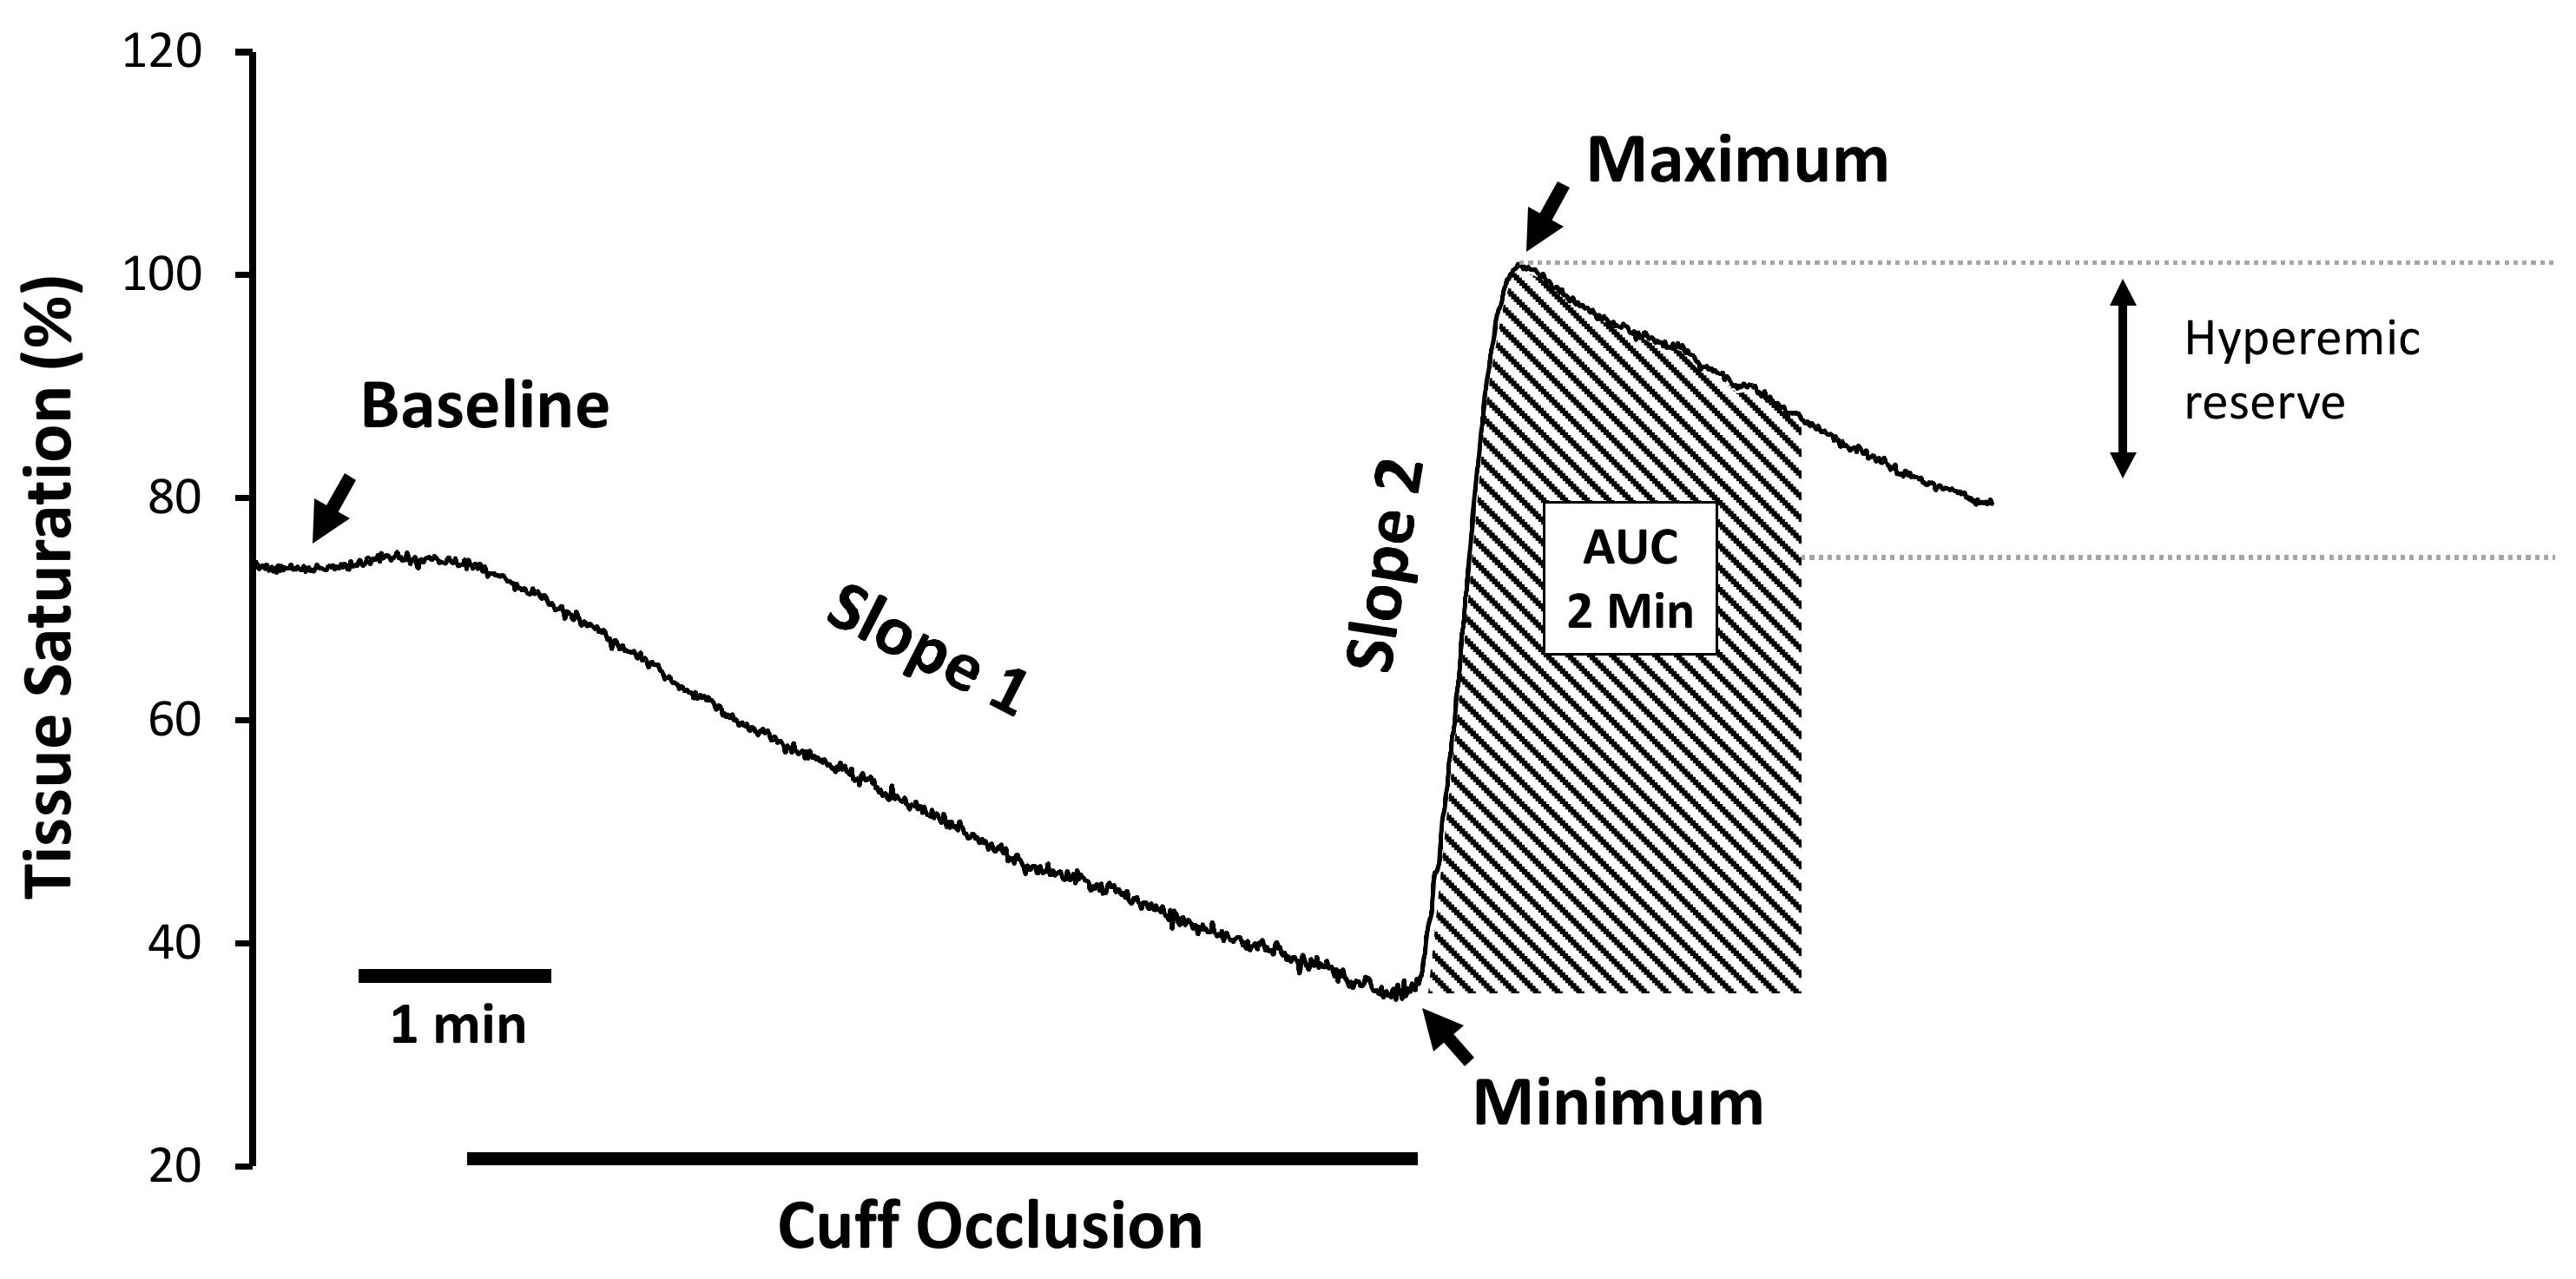 blodtryk alder kurve